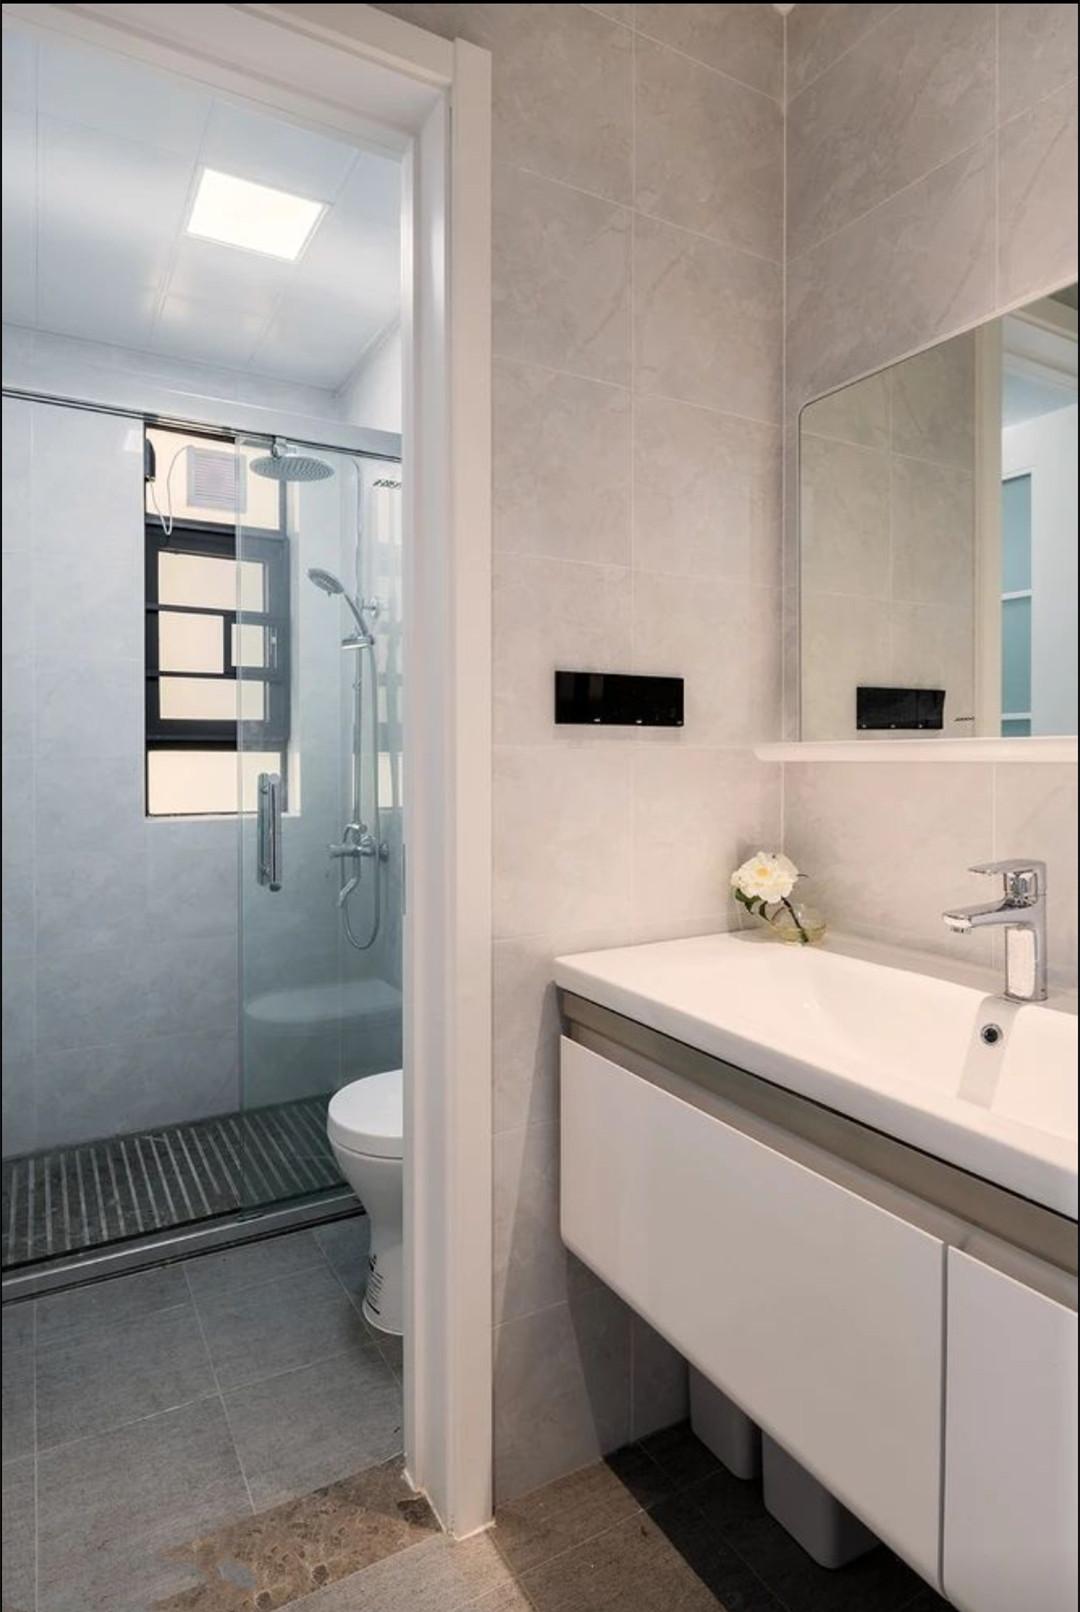 1㎡的衛生間就別裝馬桶了,裝個蹲廁就挺好,一樣能干濕分離